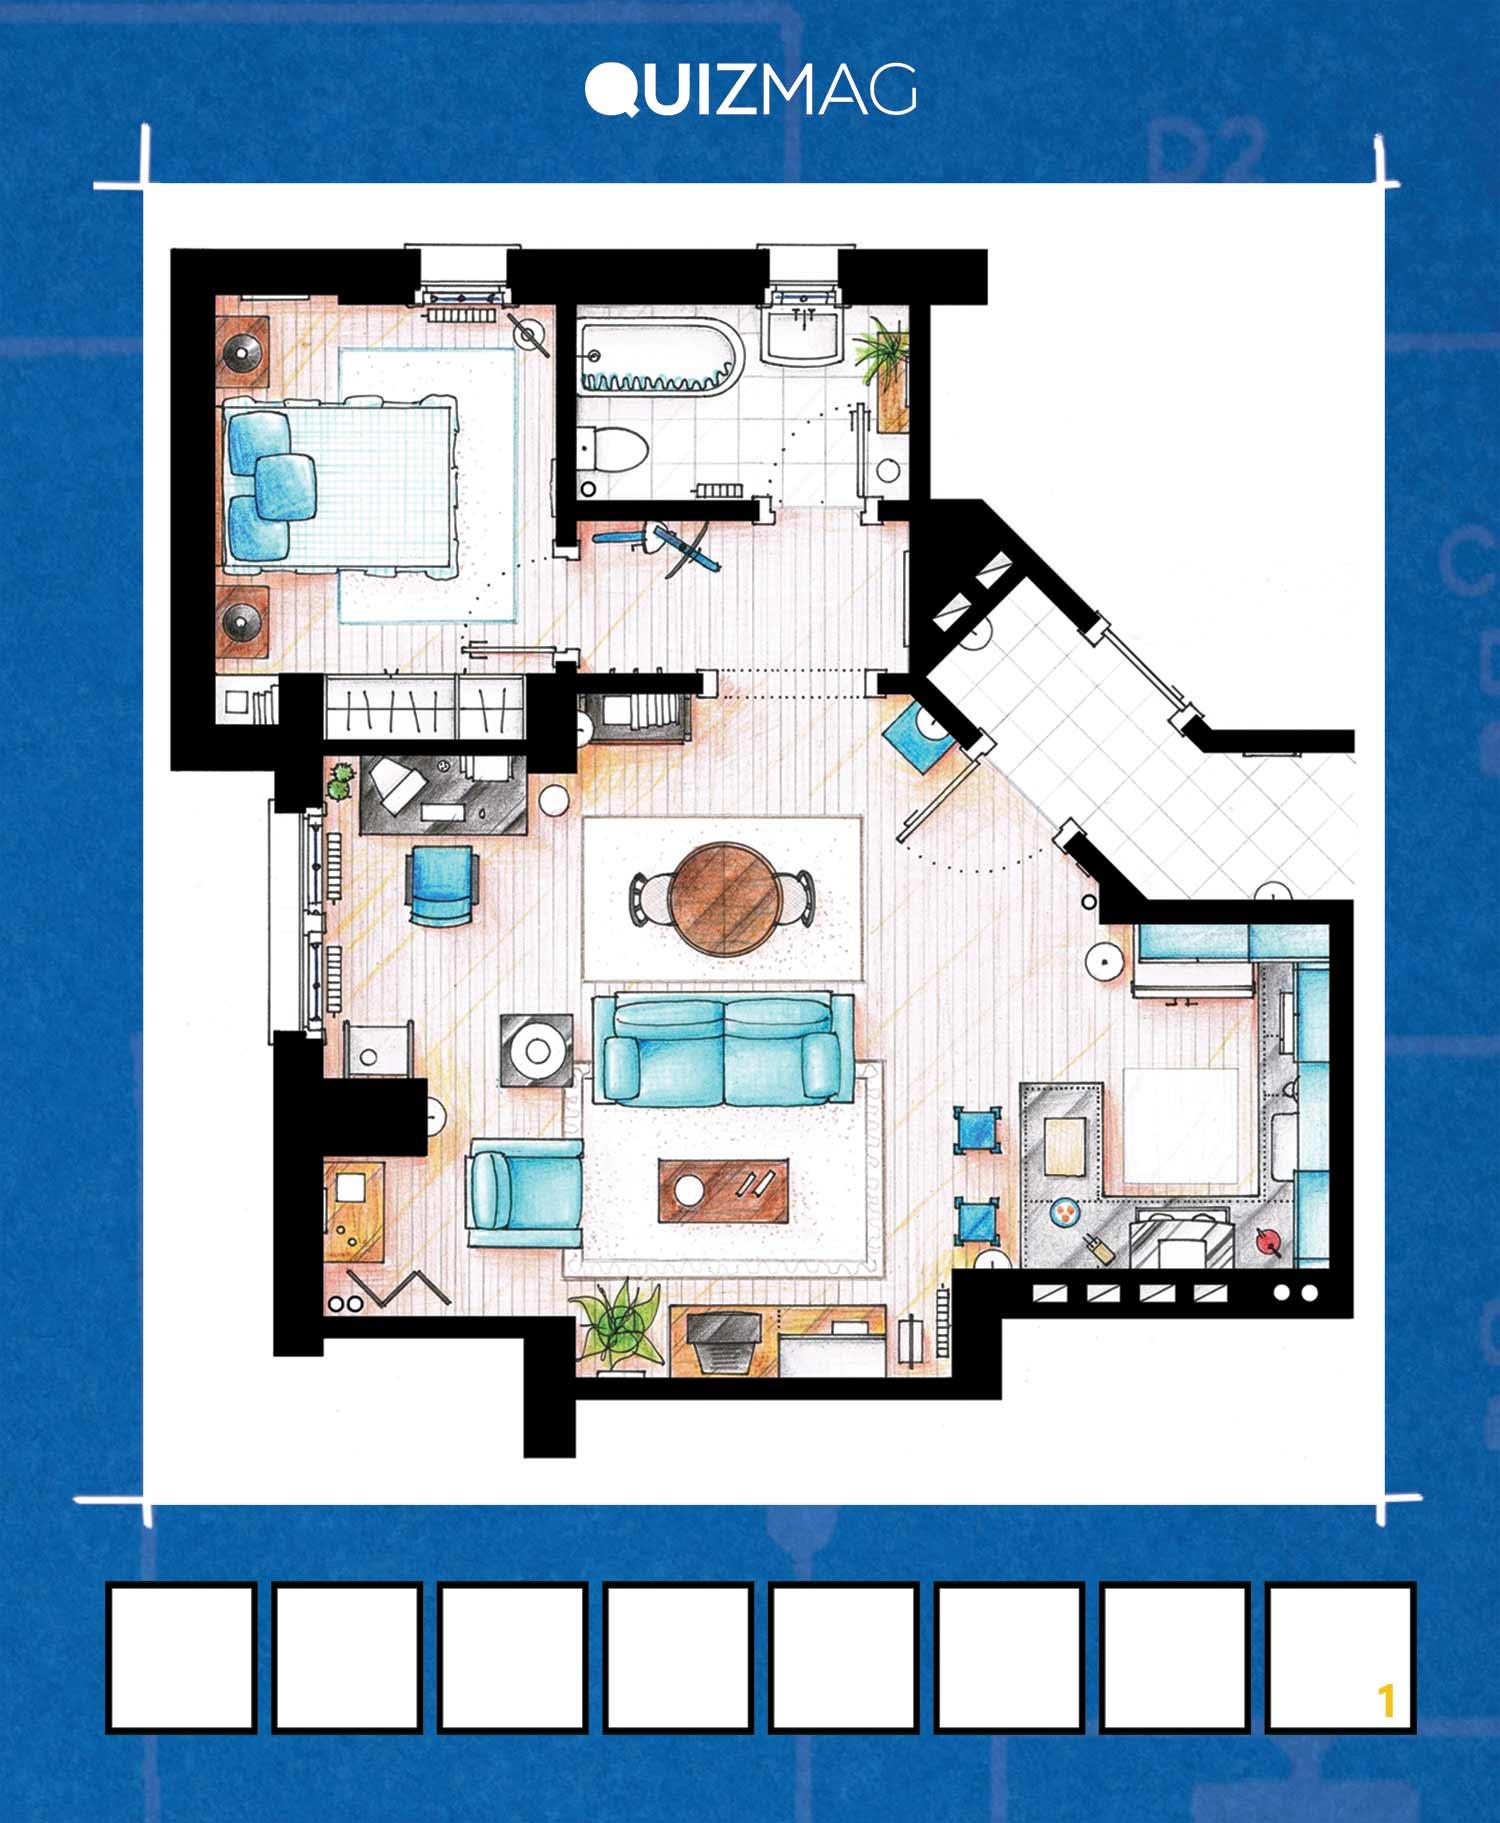 SerienGrundrisse_08 Erkennt ihr die Grundrisse dieser Serienwohnungen?